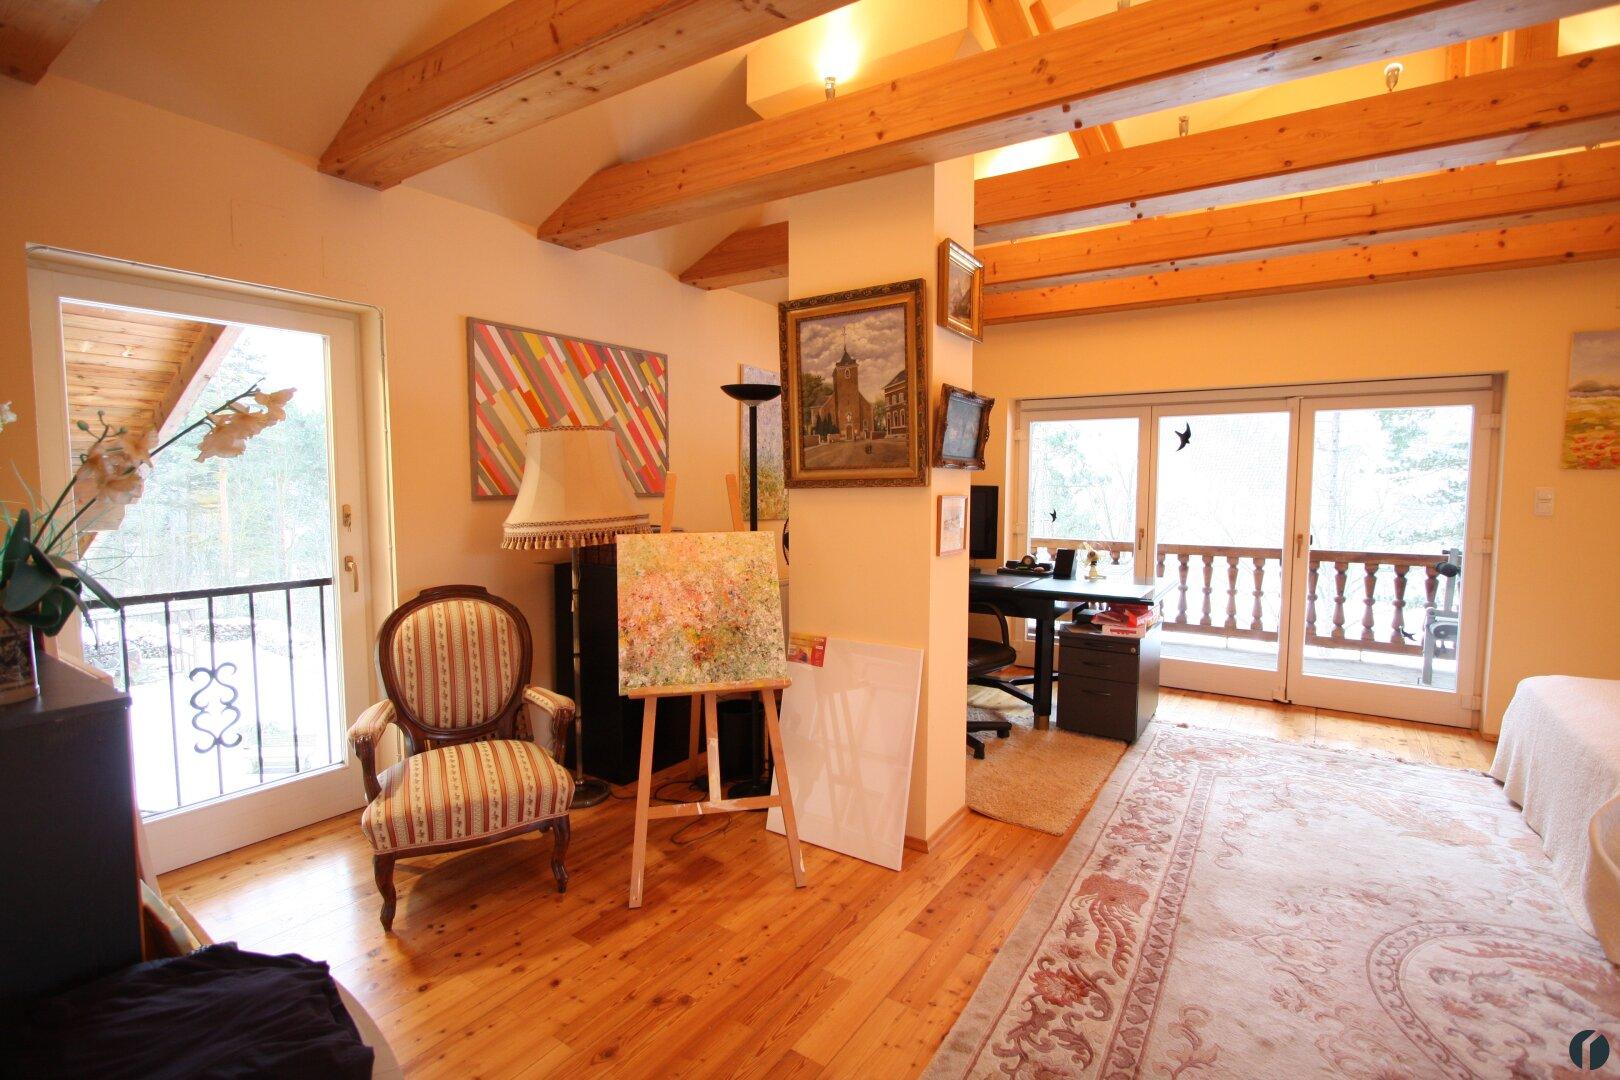 Schlafzimmer mit Arbeitsbereich im Dachgeschoss